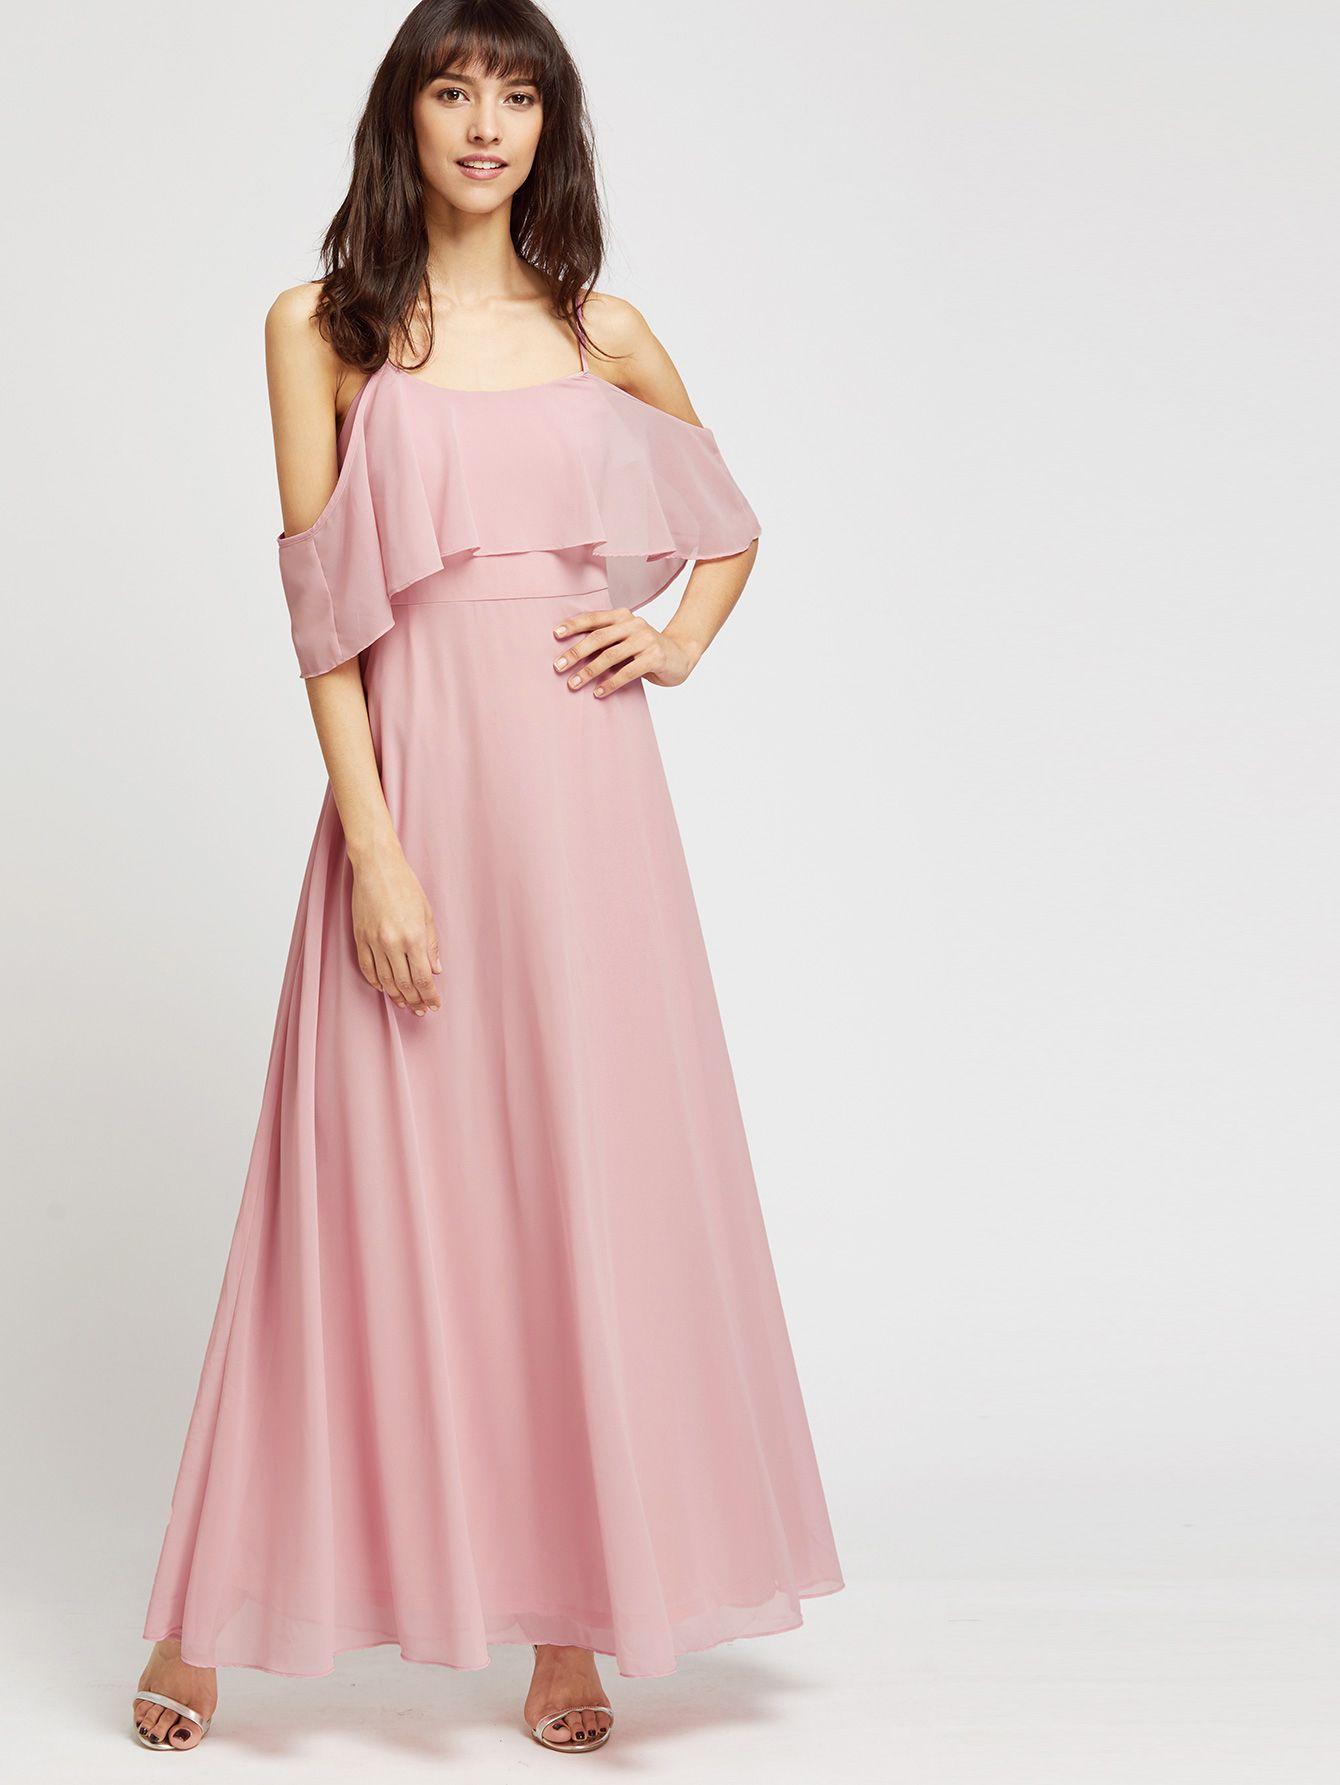 Vestido largo con hombros descubiertos - rosa | Vestiditos, Vestidos ...